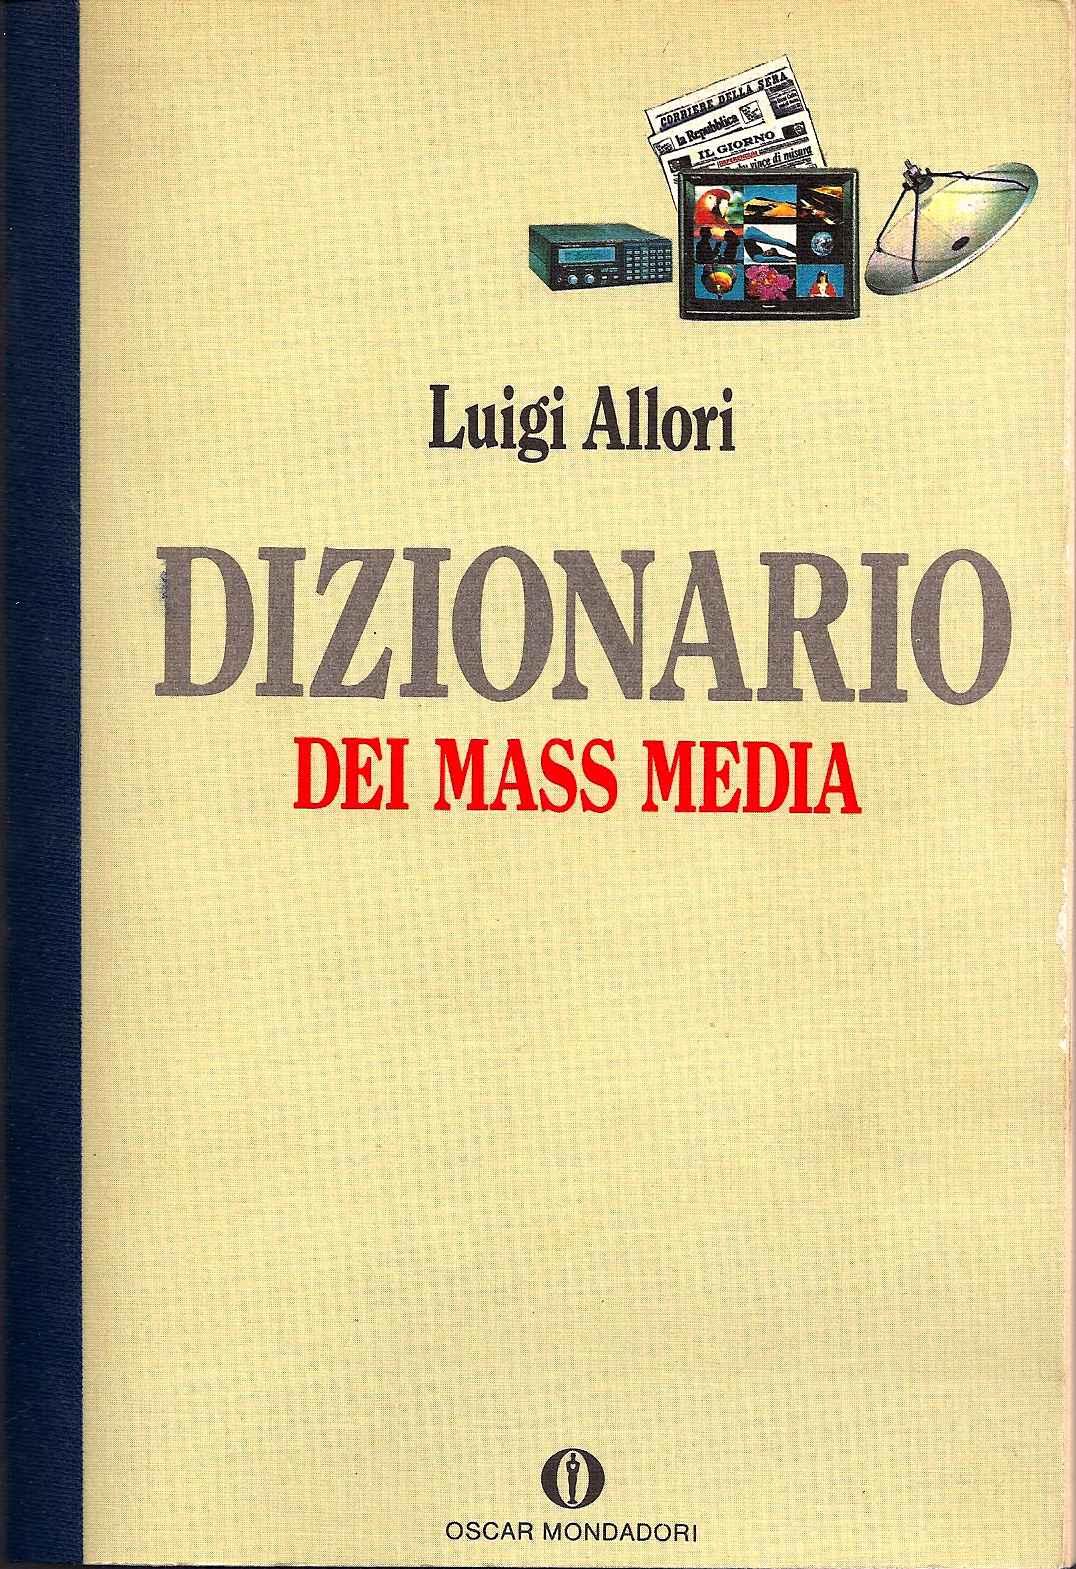 Dizionario dei mass media